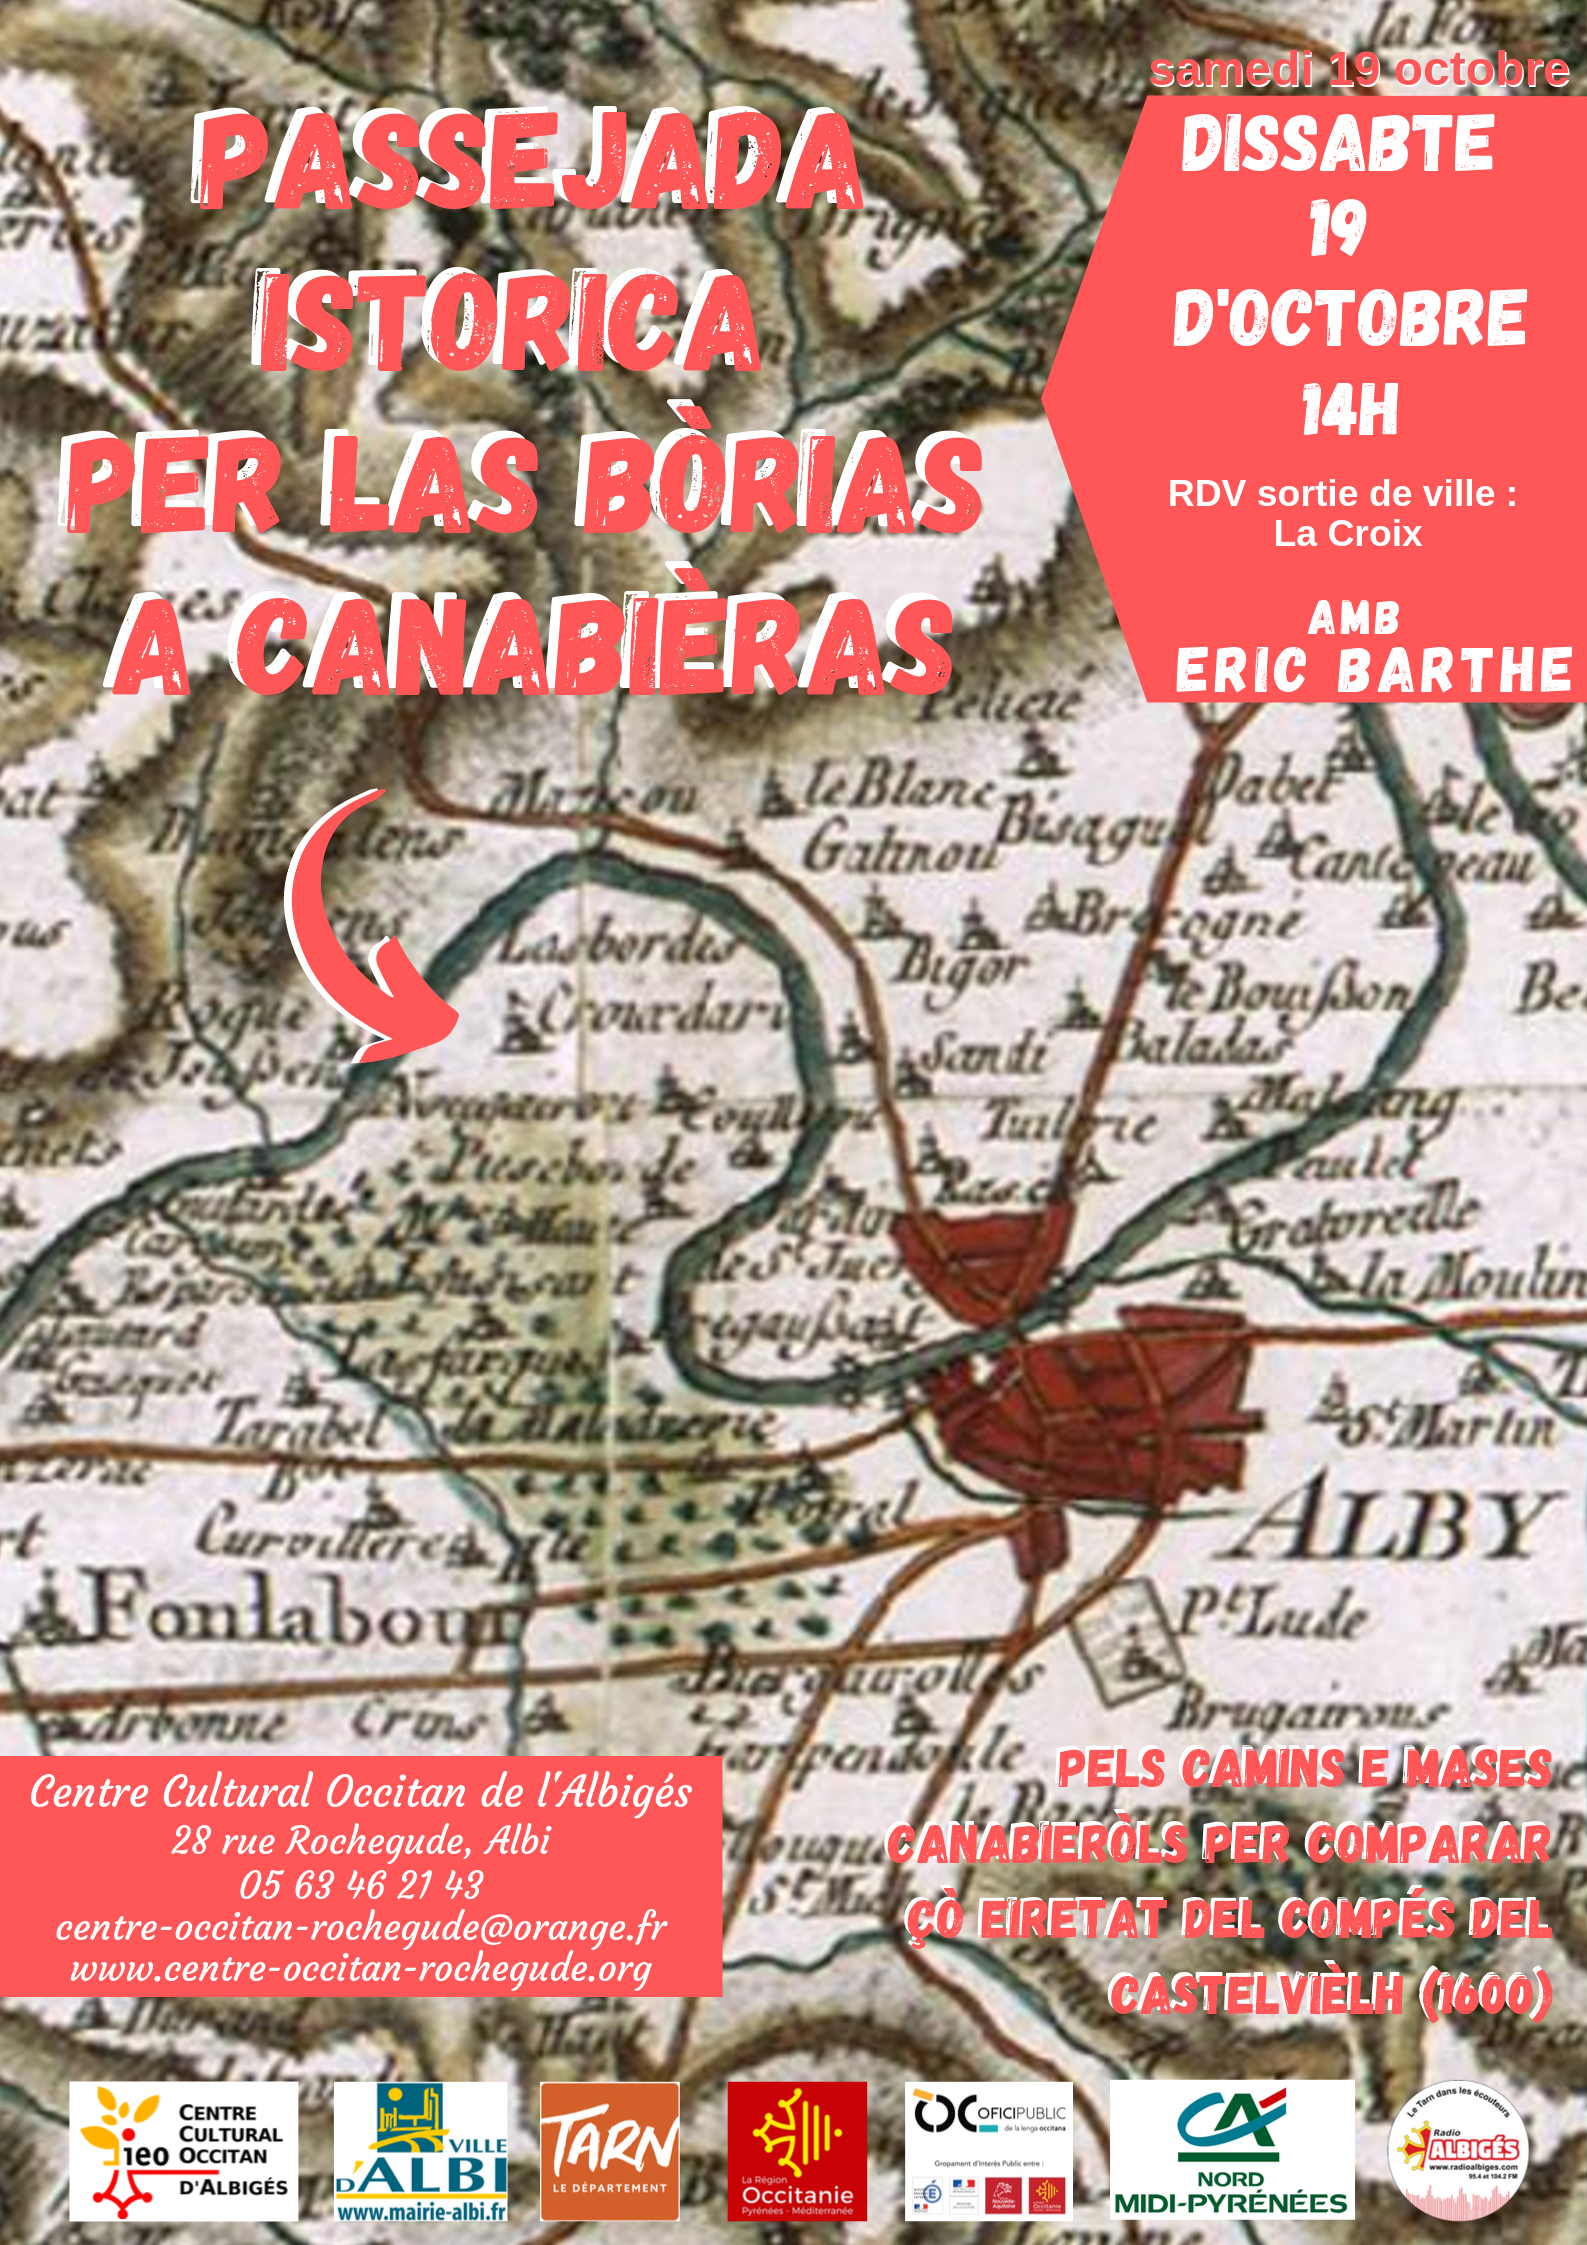 Passejada istorica per las bòrias a Canabièras